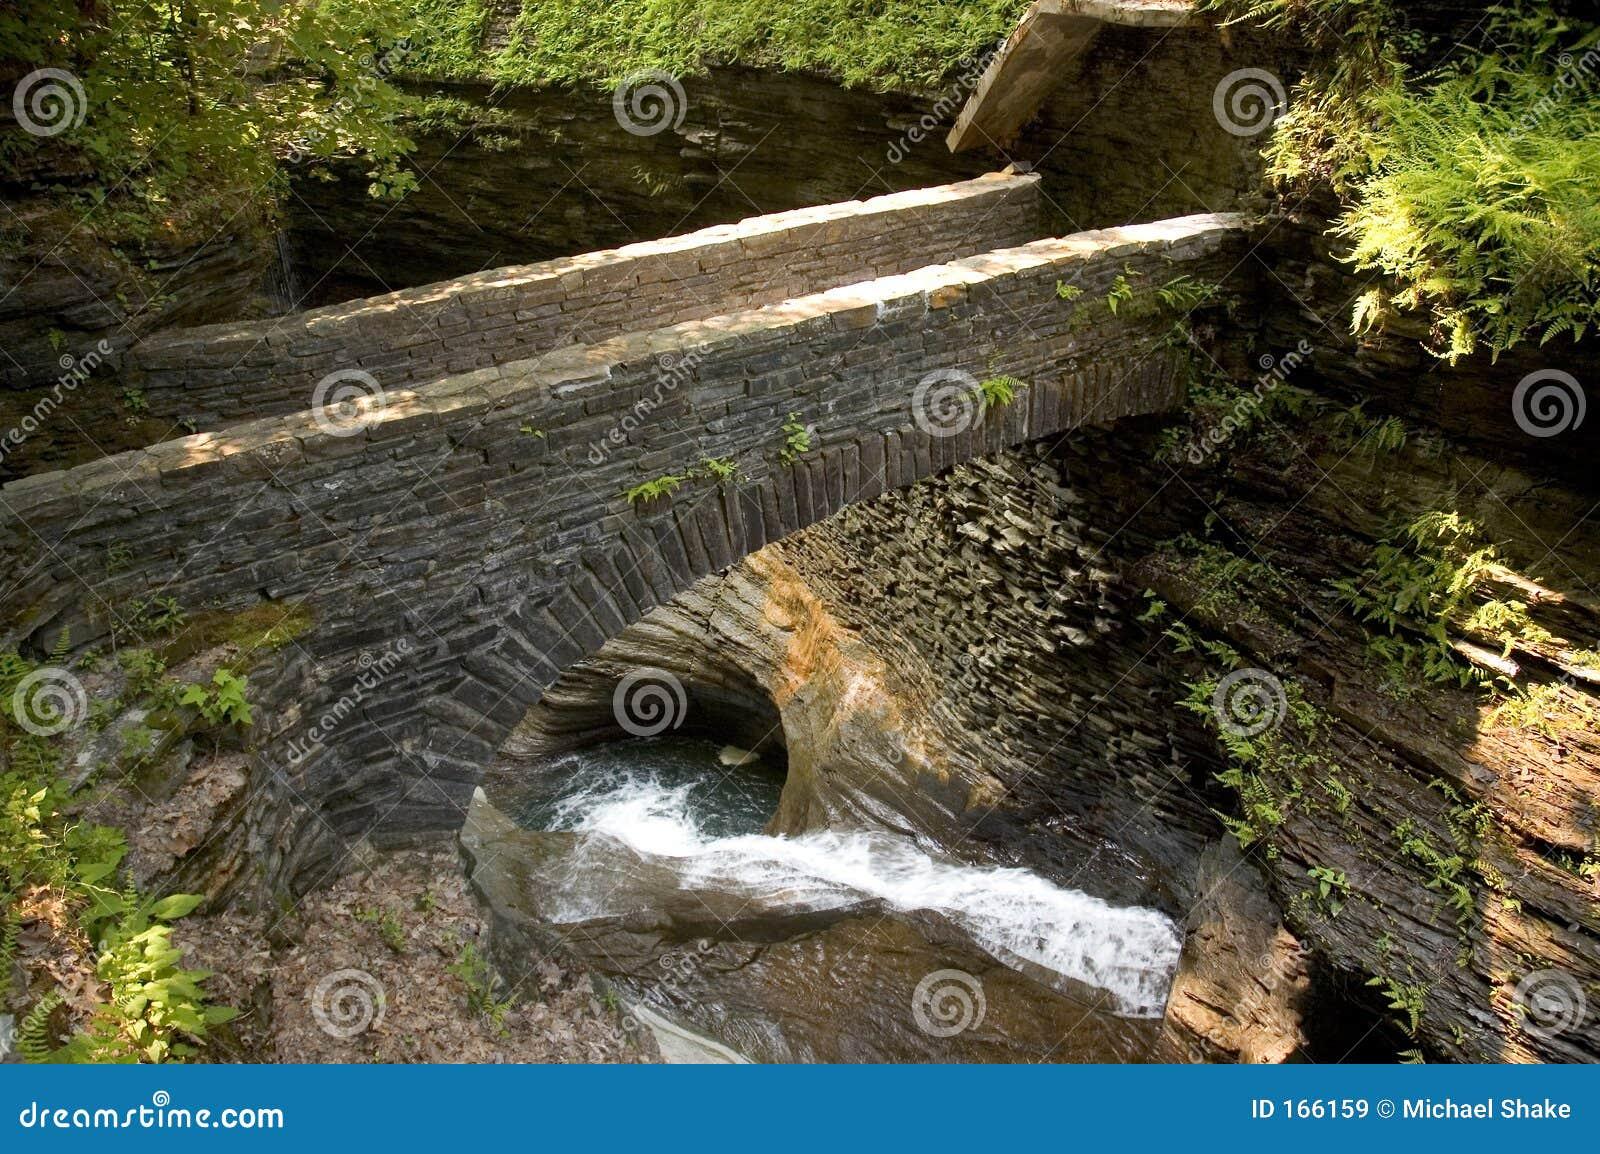 Stone Bridge 3